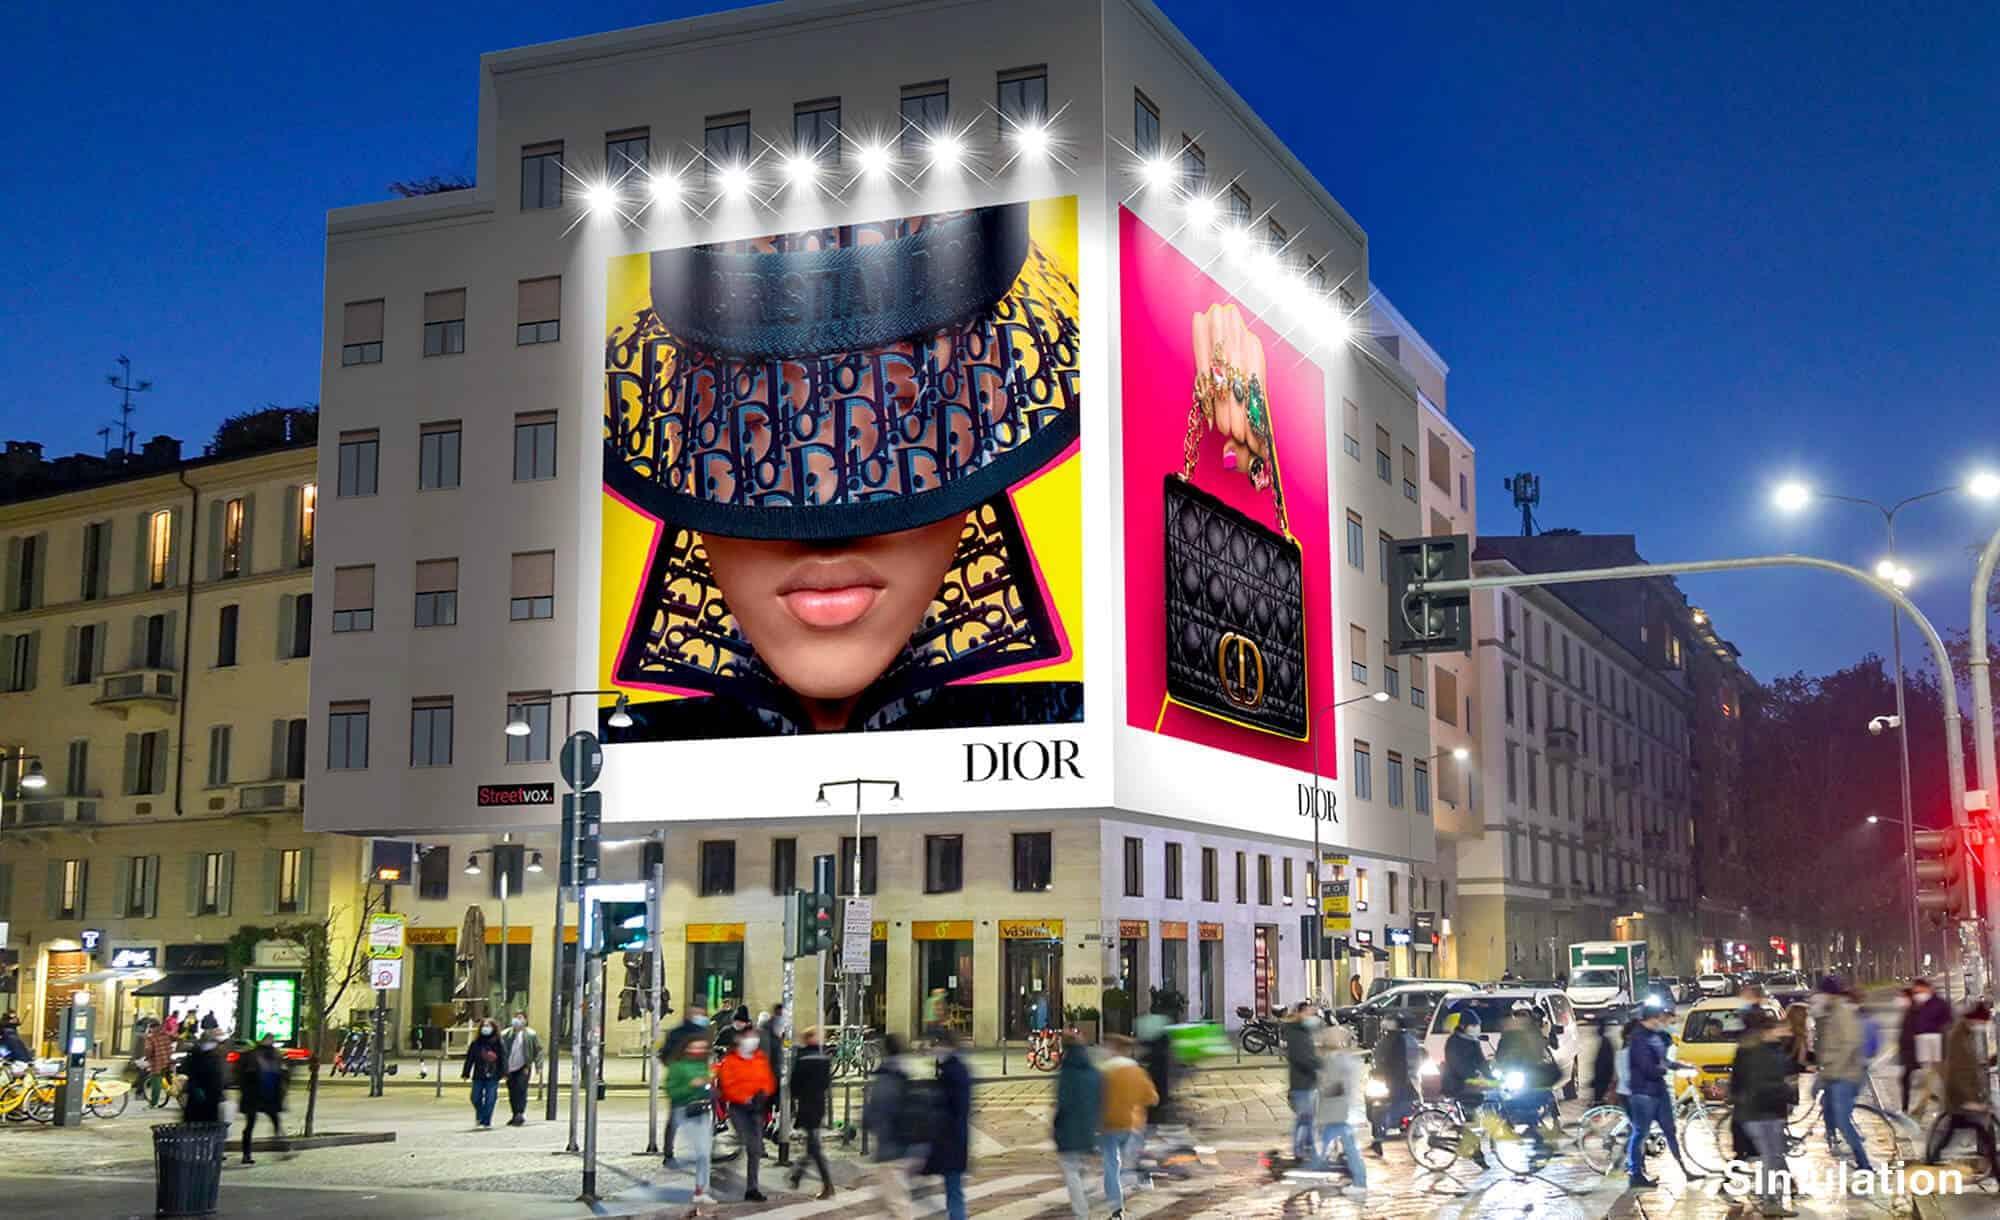 Maxi Affissione a Milano in Piazza XXV Aprile 1 con Dior (Fashion)